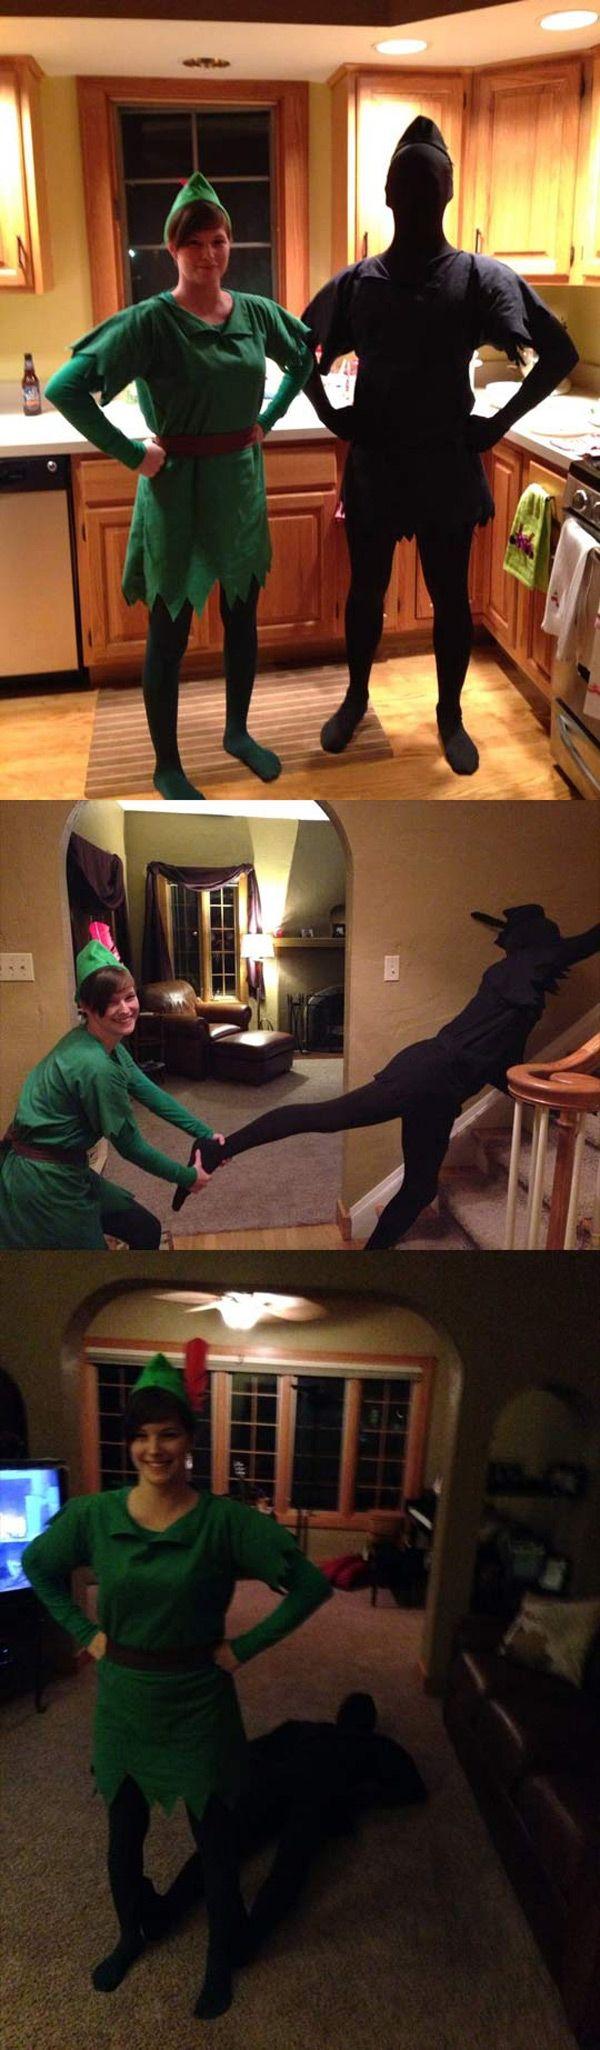 Peter Pan custume + his shaddow! cute